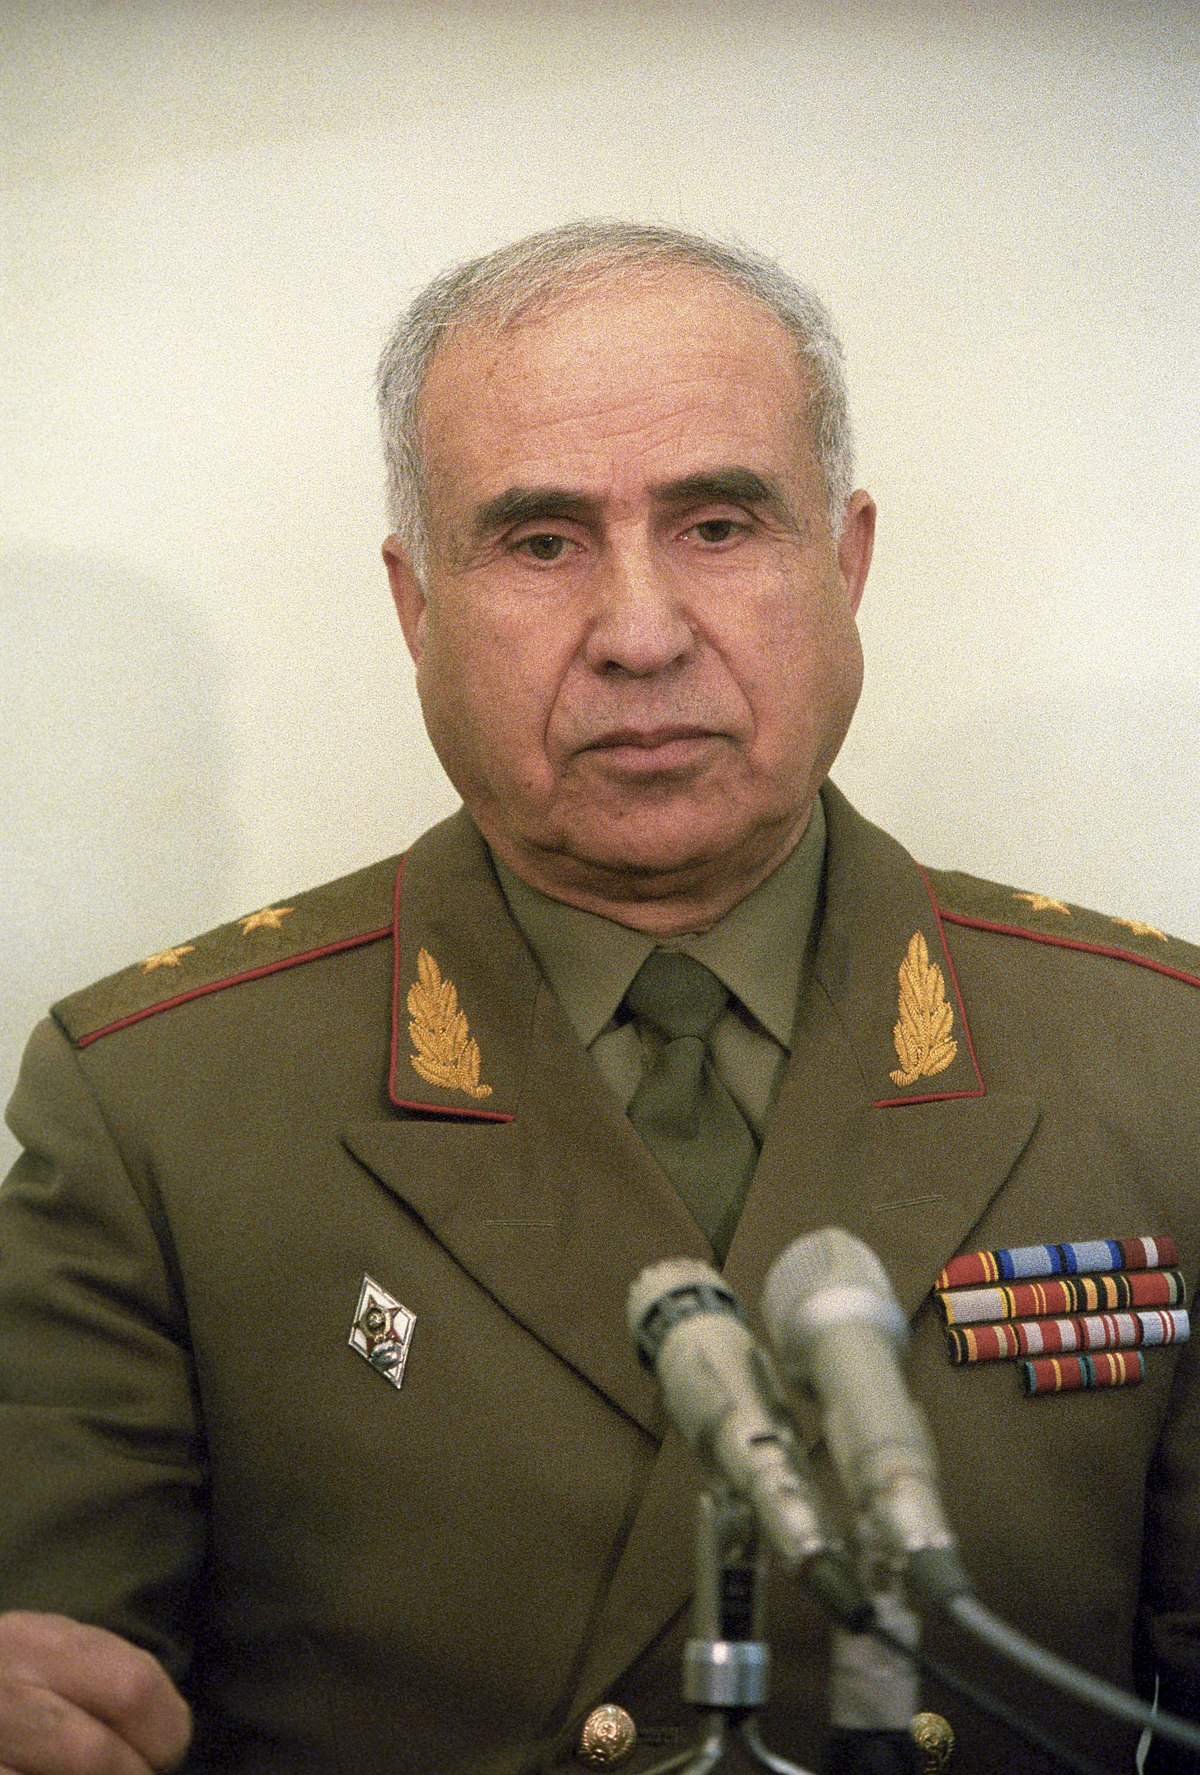 Şəkil:Kərim Kərimov (general).jpg — Vikipediya